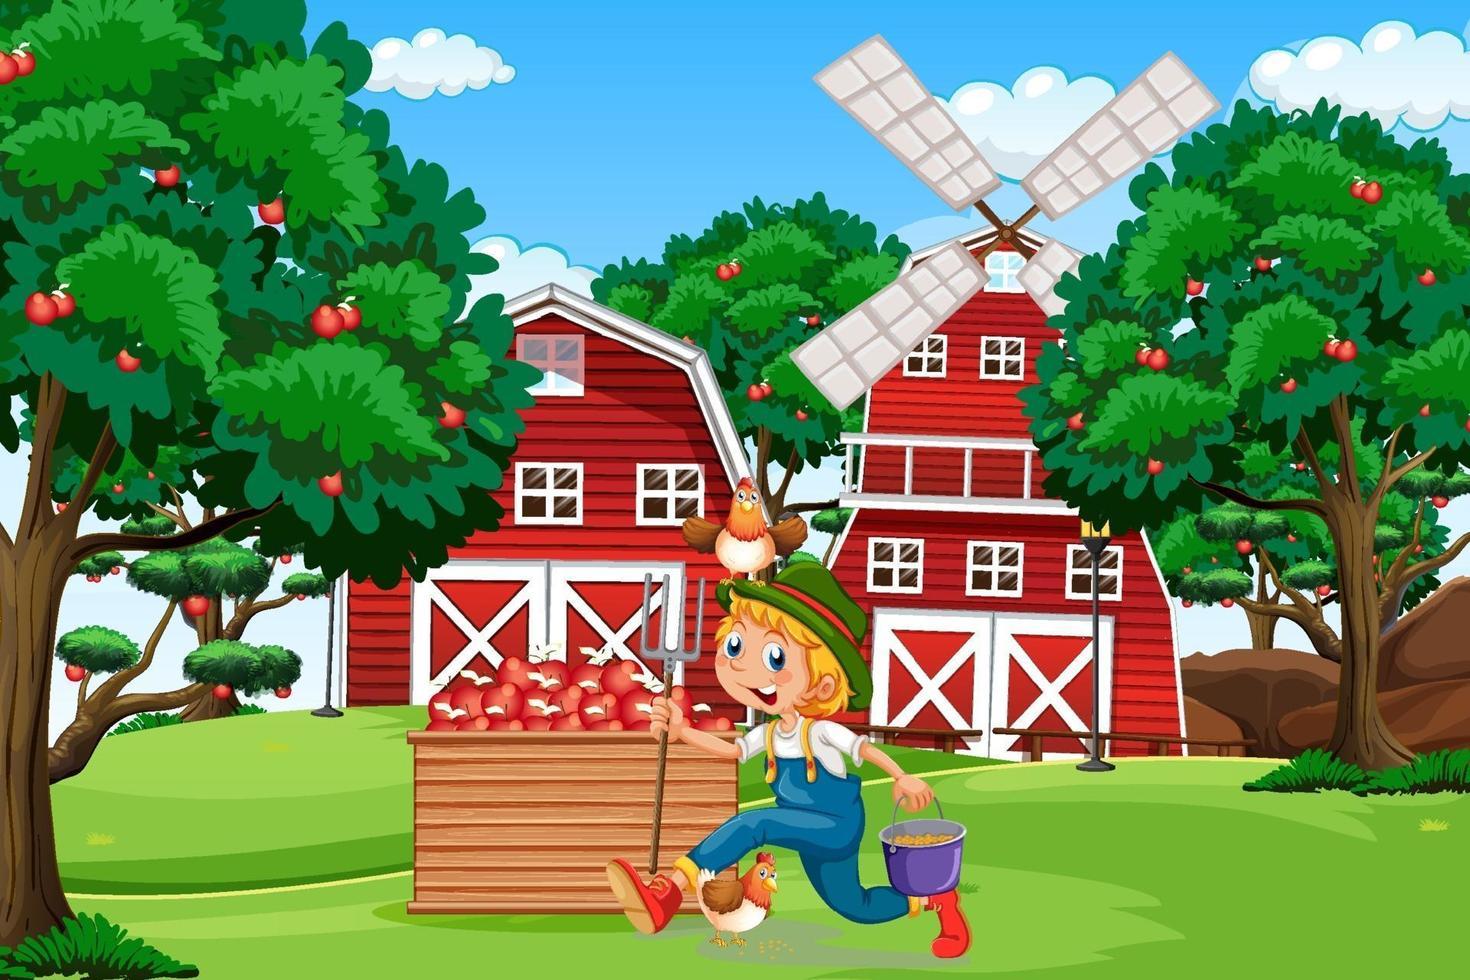 gårdsplats med röd ladugård och väderkvarn vektor